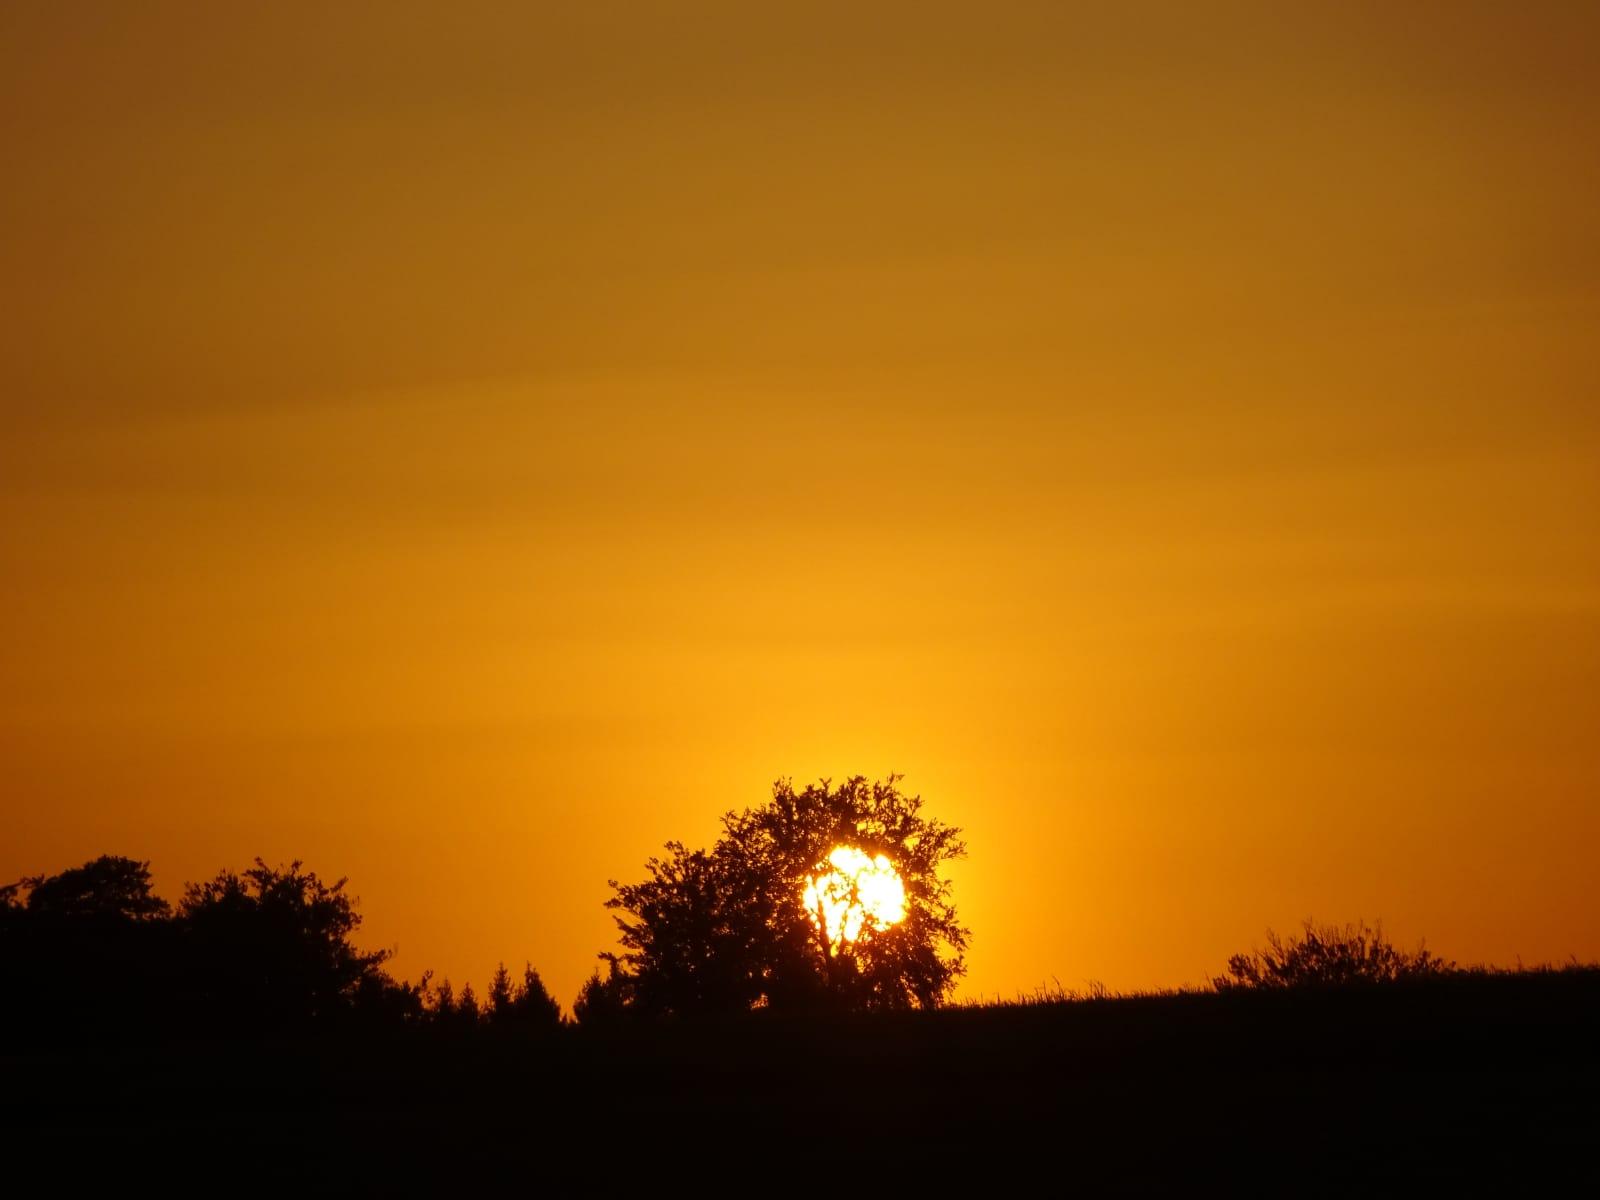 - Si vos yeux sont aveuglés par vos soucis vous ne pouvez pas voir la beauté d'un coucher de soleil. (Krishnamurti)